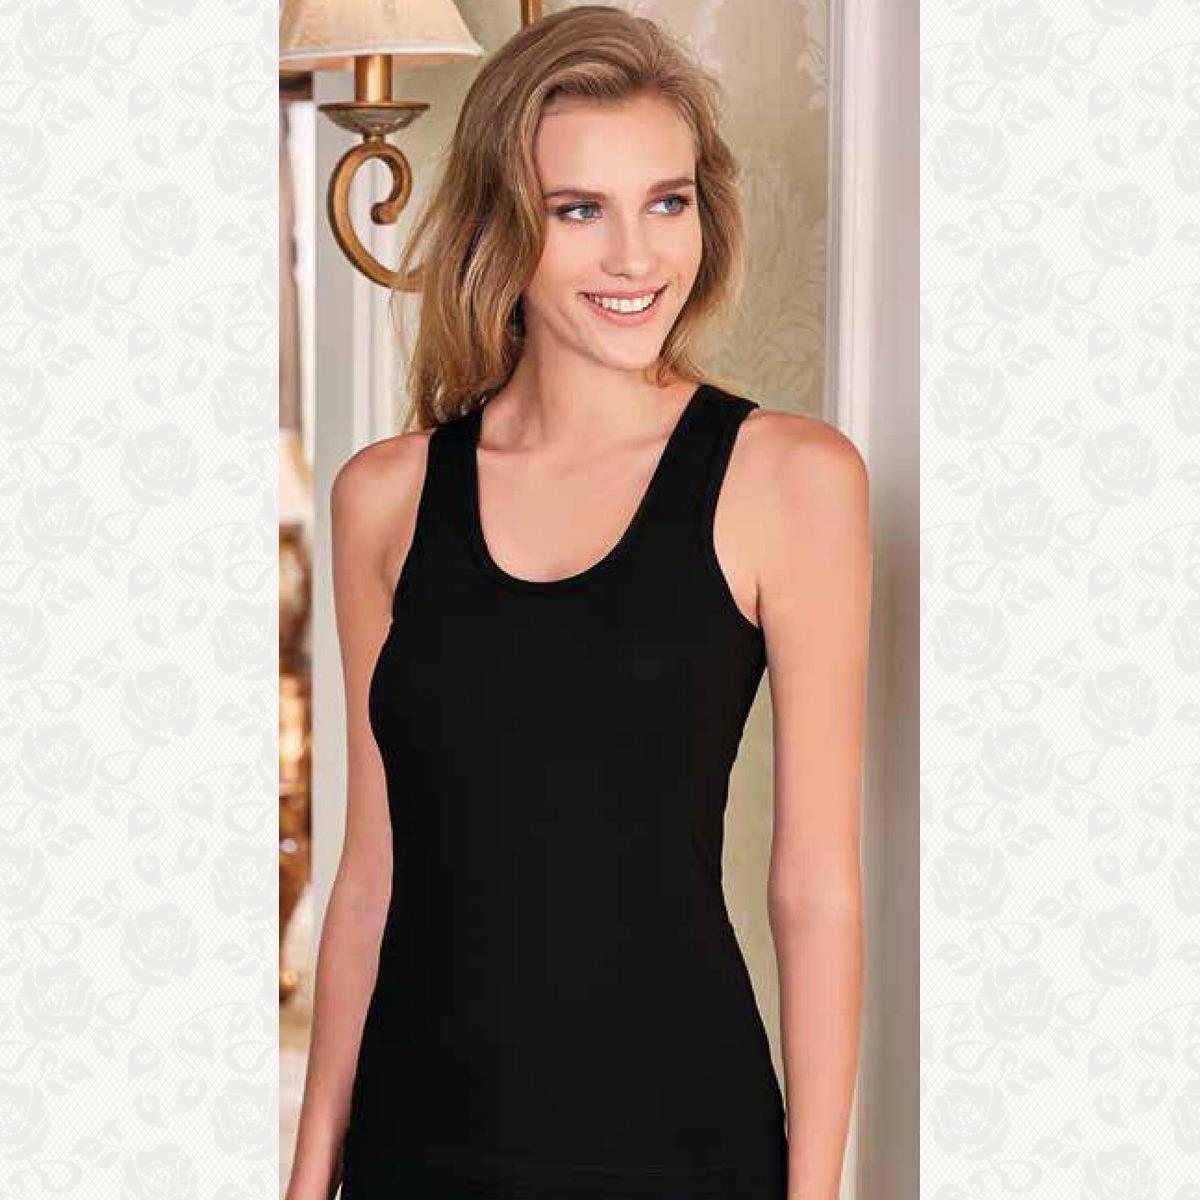 Майка женская berrak, цвет черный с фото